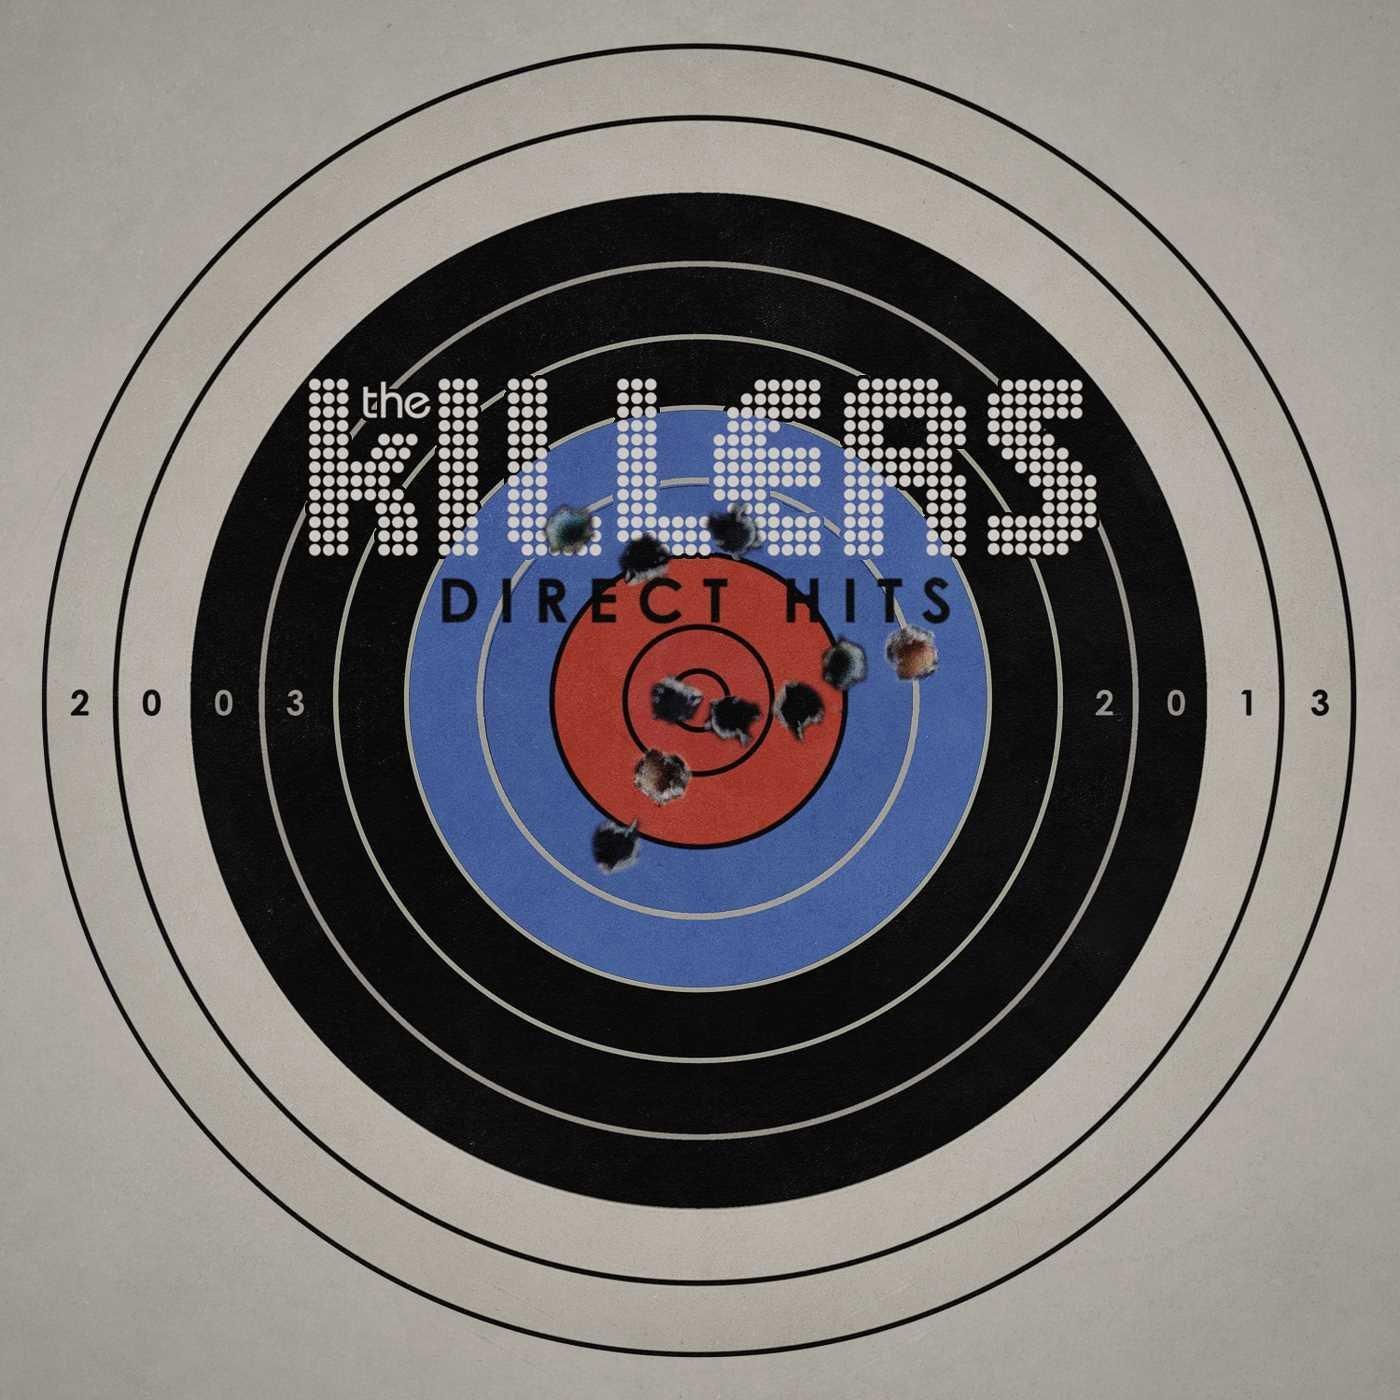 Vinilo : The Killers - Direct Hits (180 Gram Vinyl, 2 Disc)